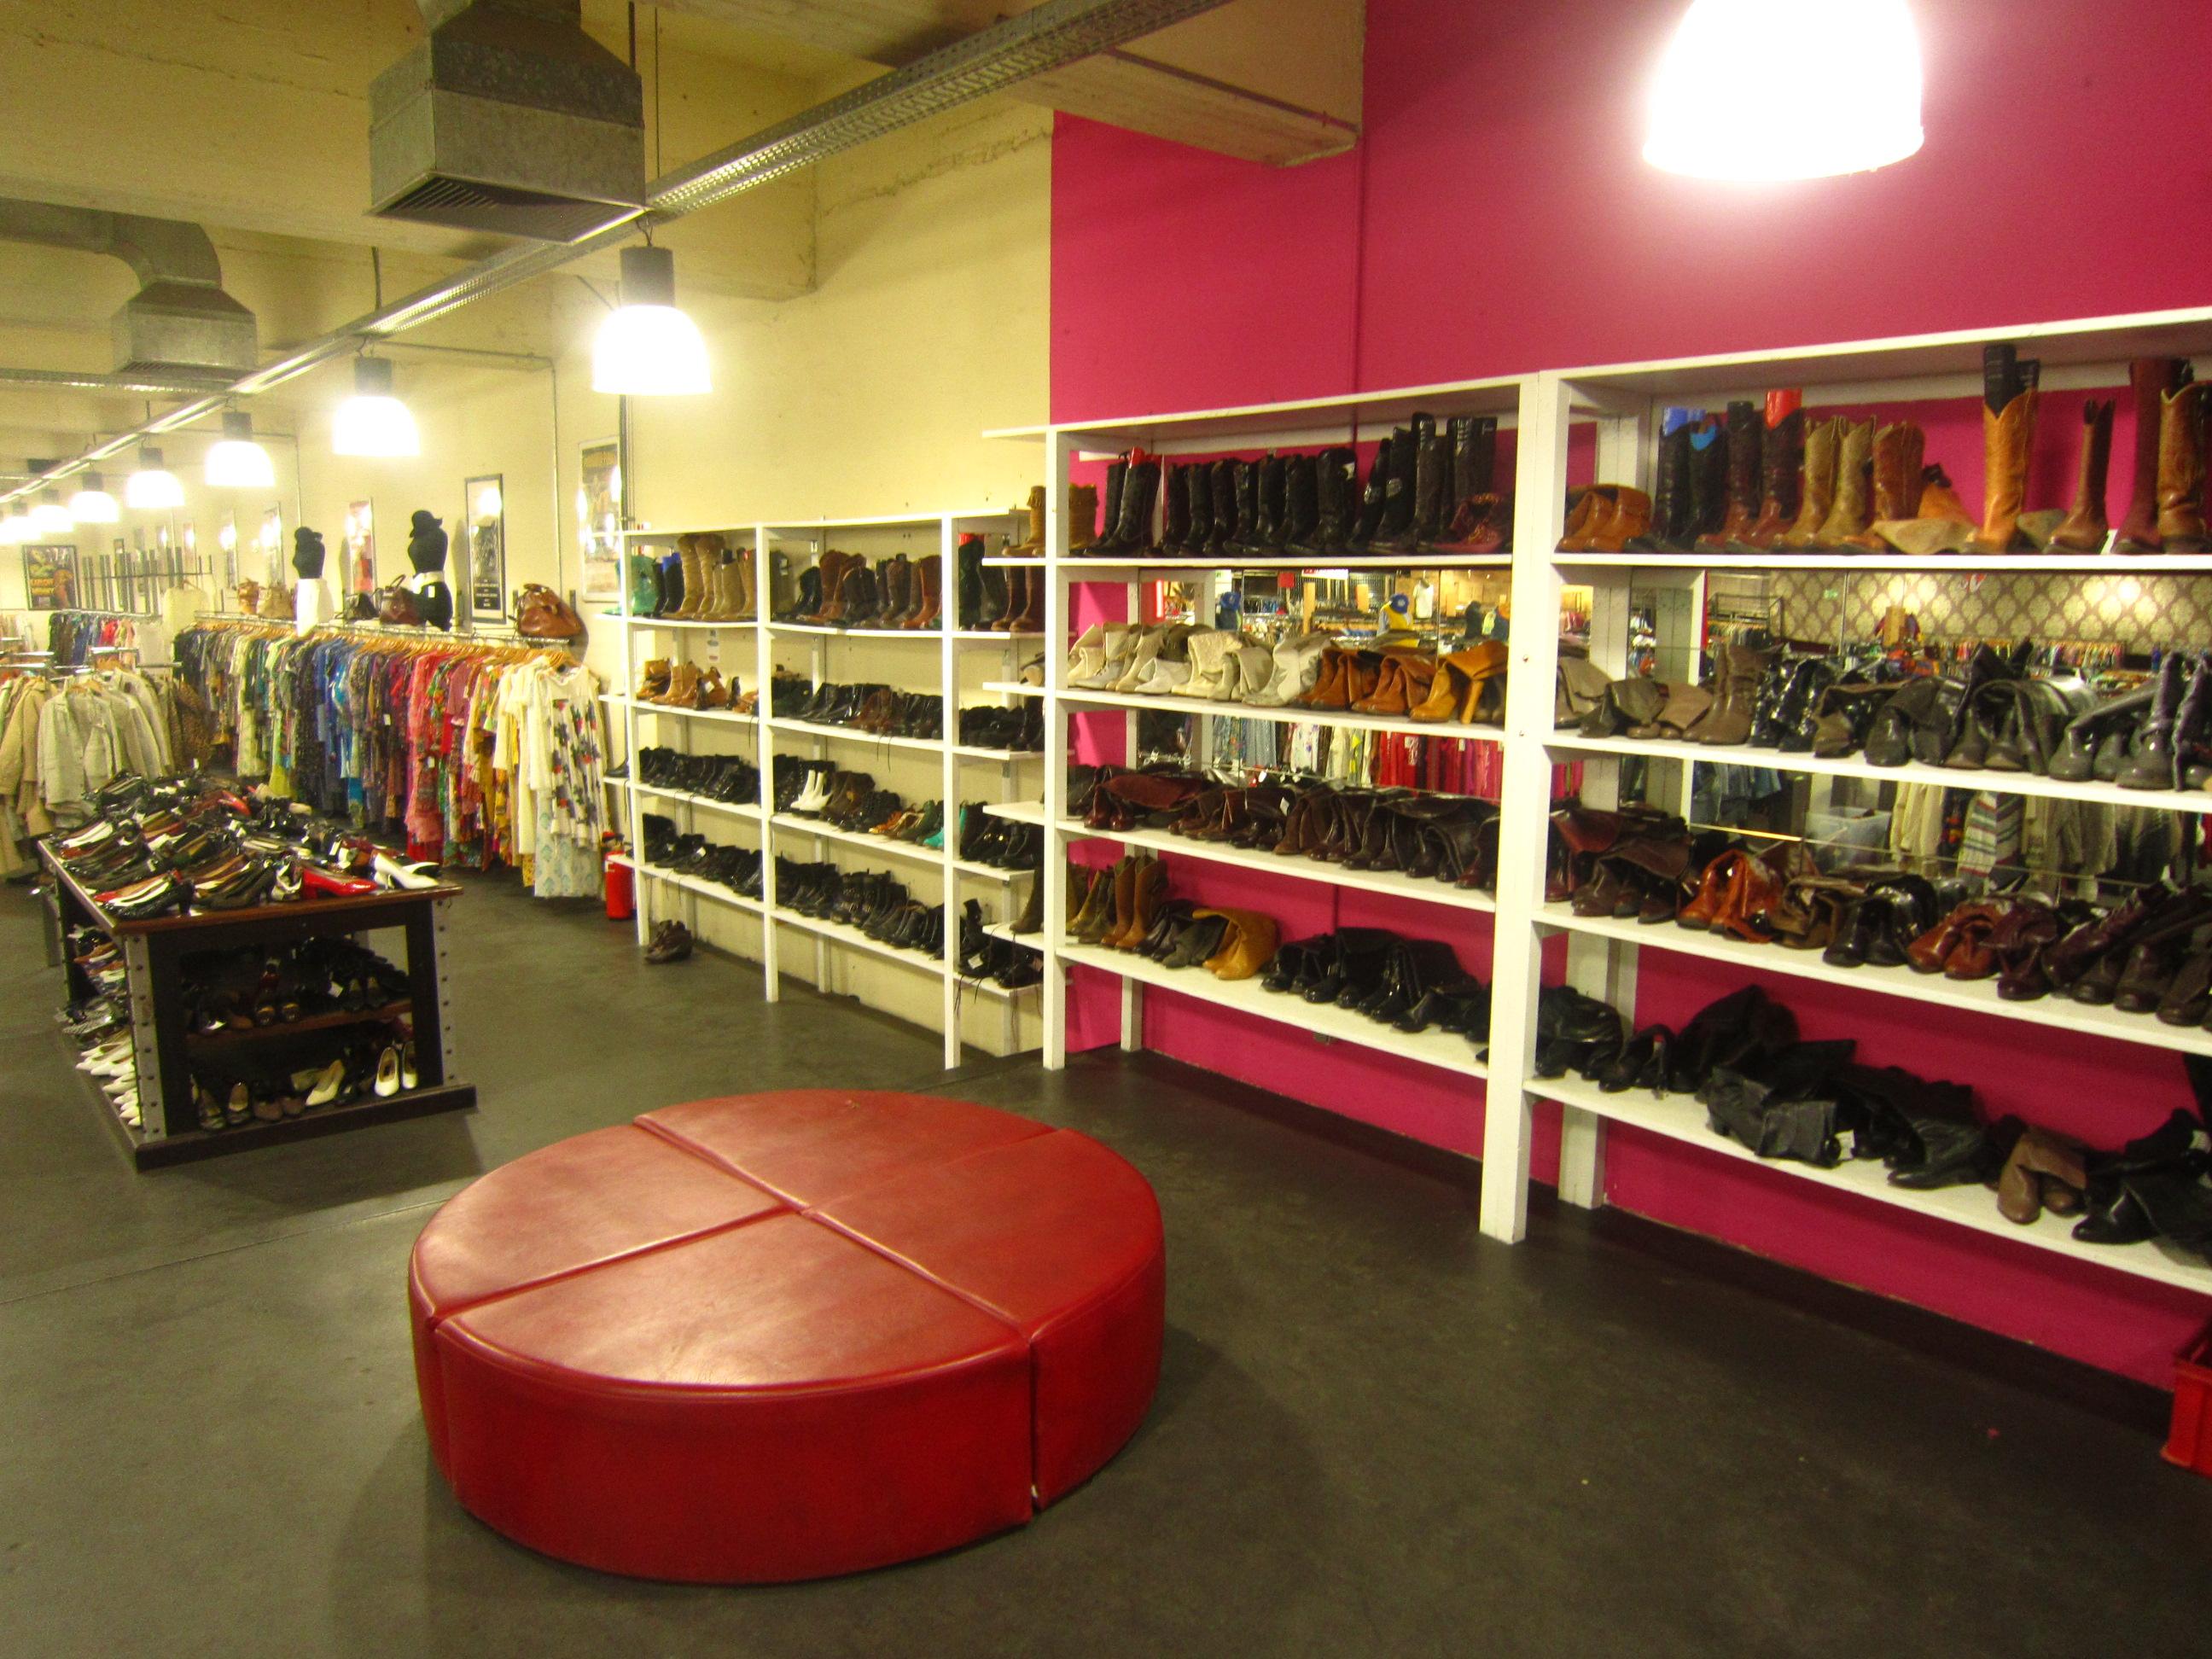 Große Auswahl an Schuhen im Kleidermarkt